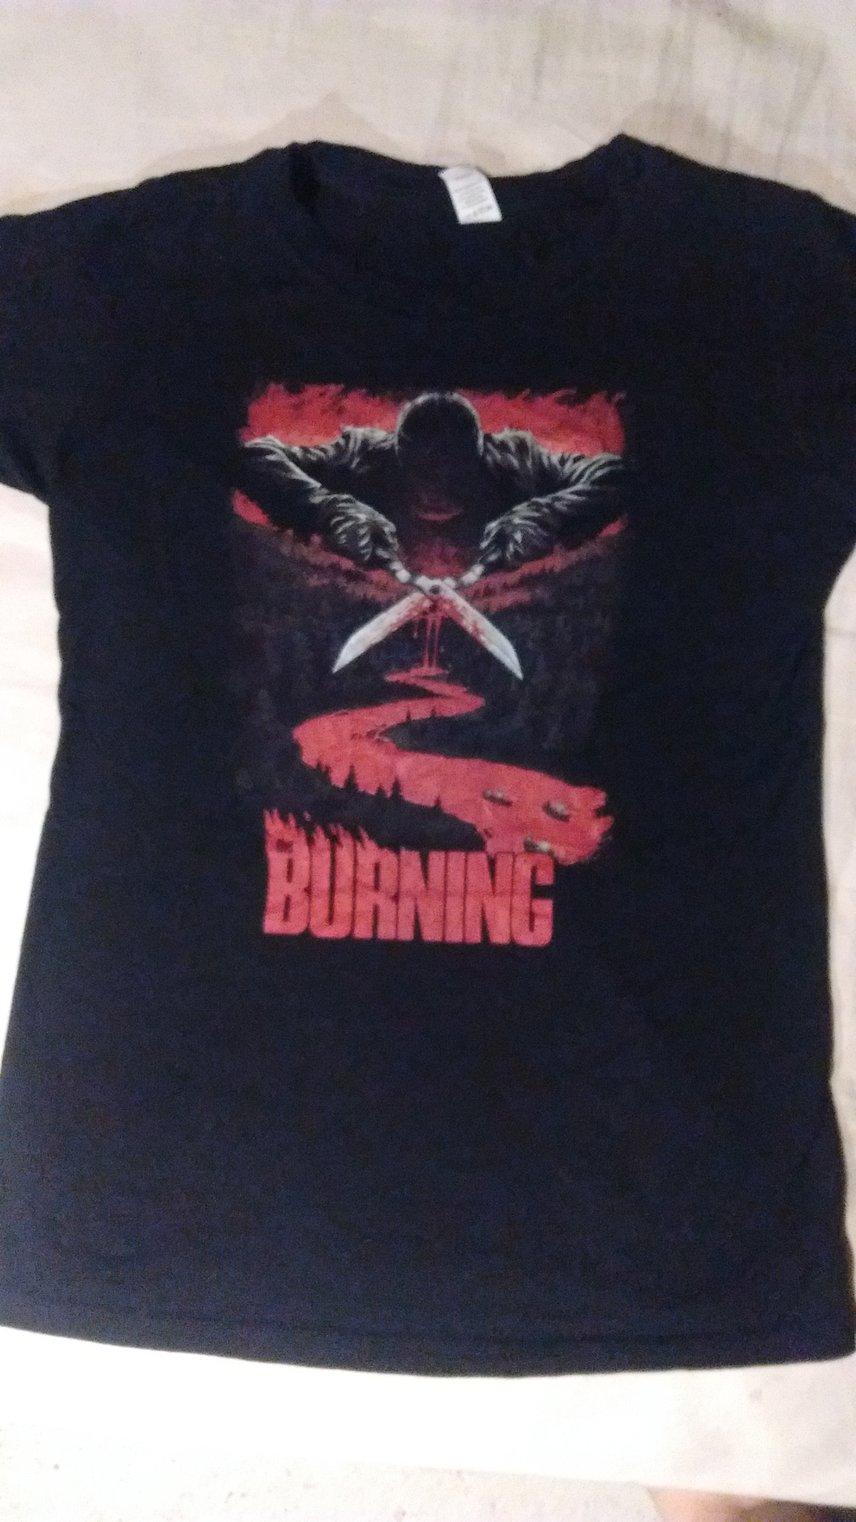 The Burning Girlie Shirt